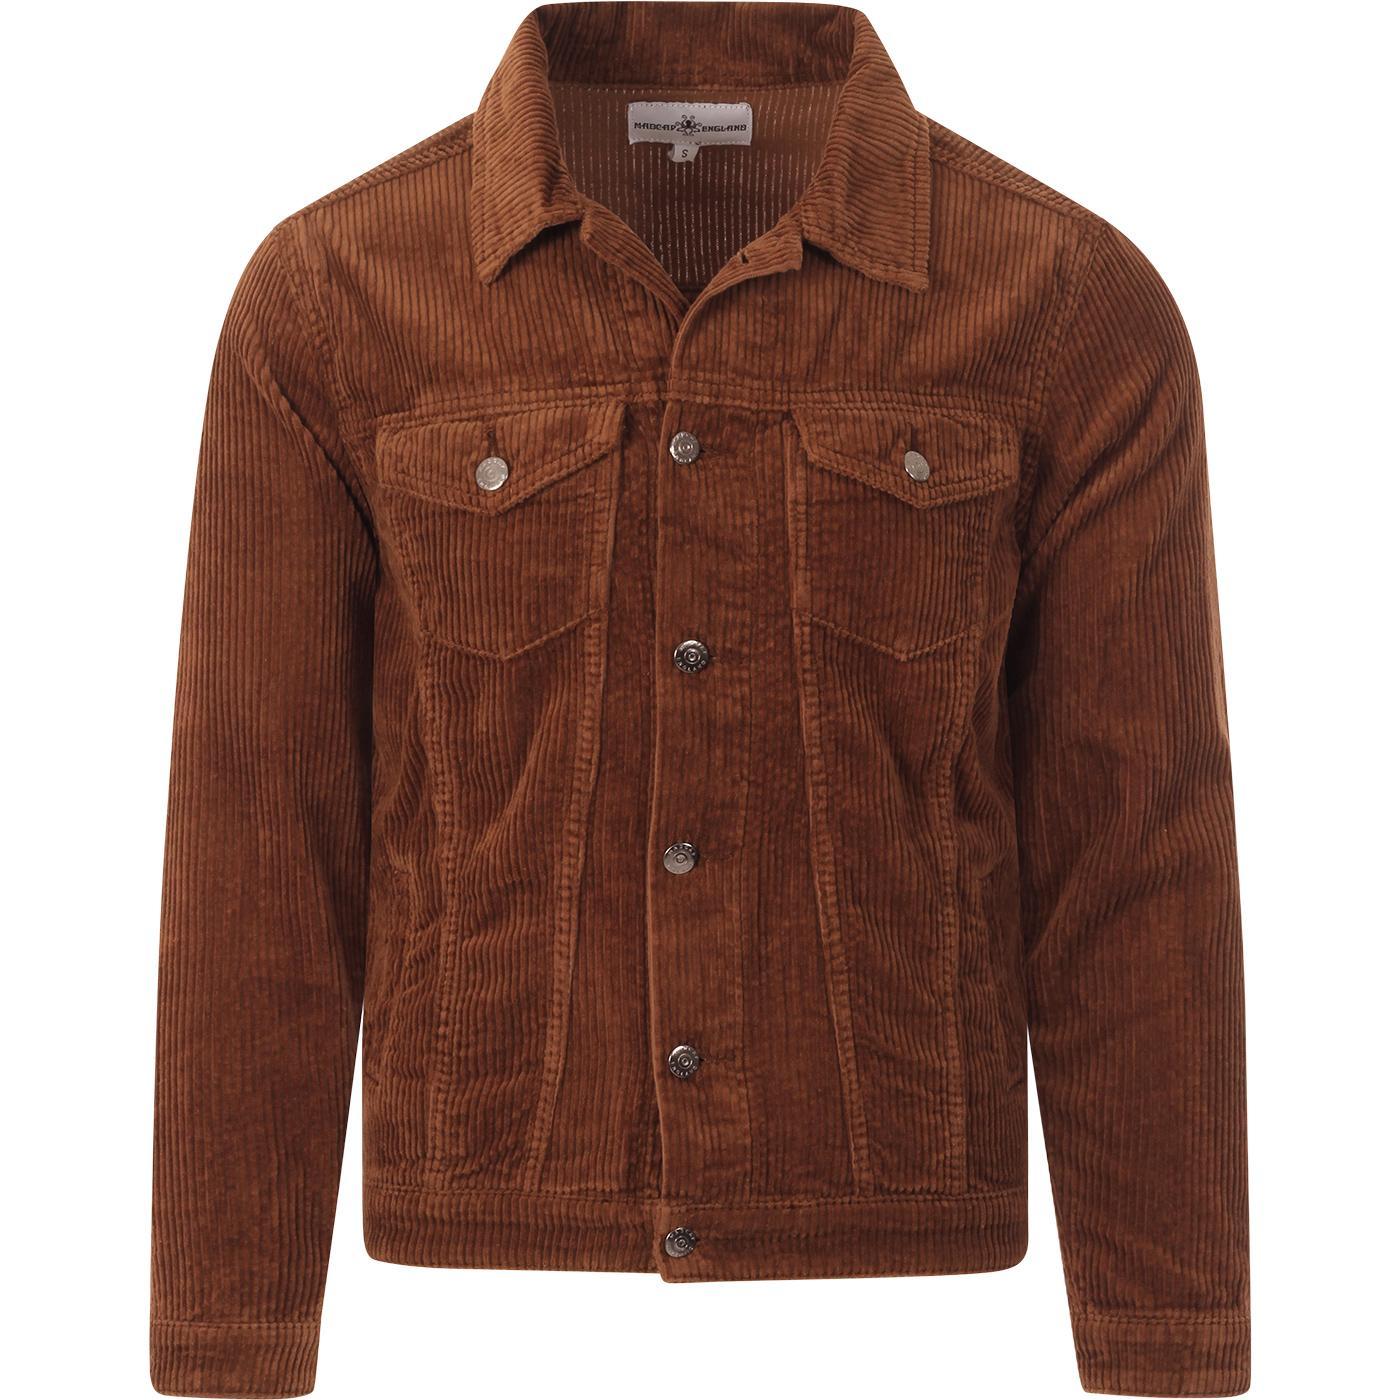 Woburn MADCAP ENGLAND Jumbo Cord Western Jacket T